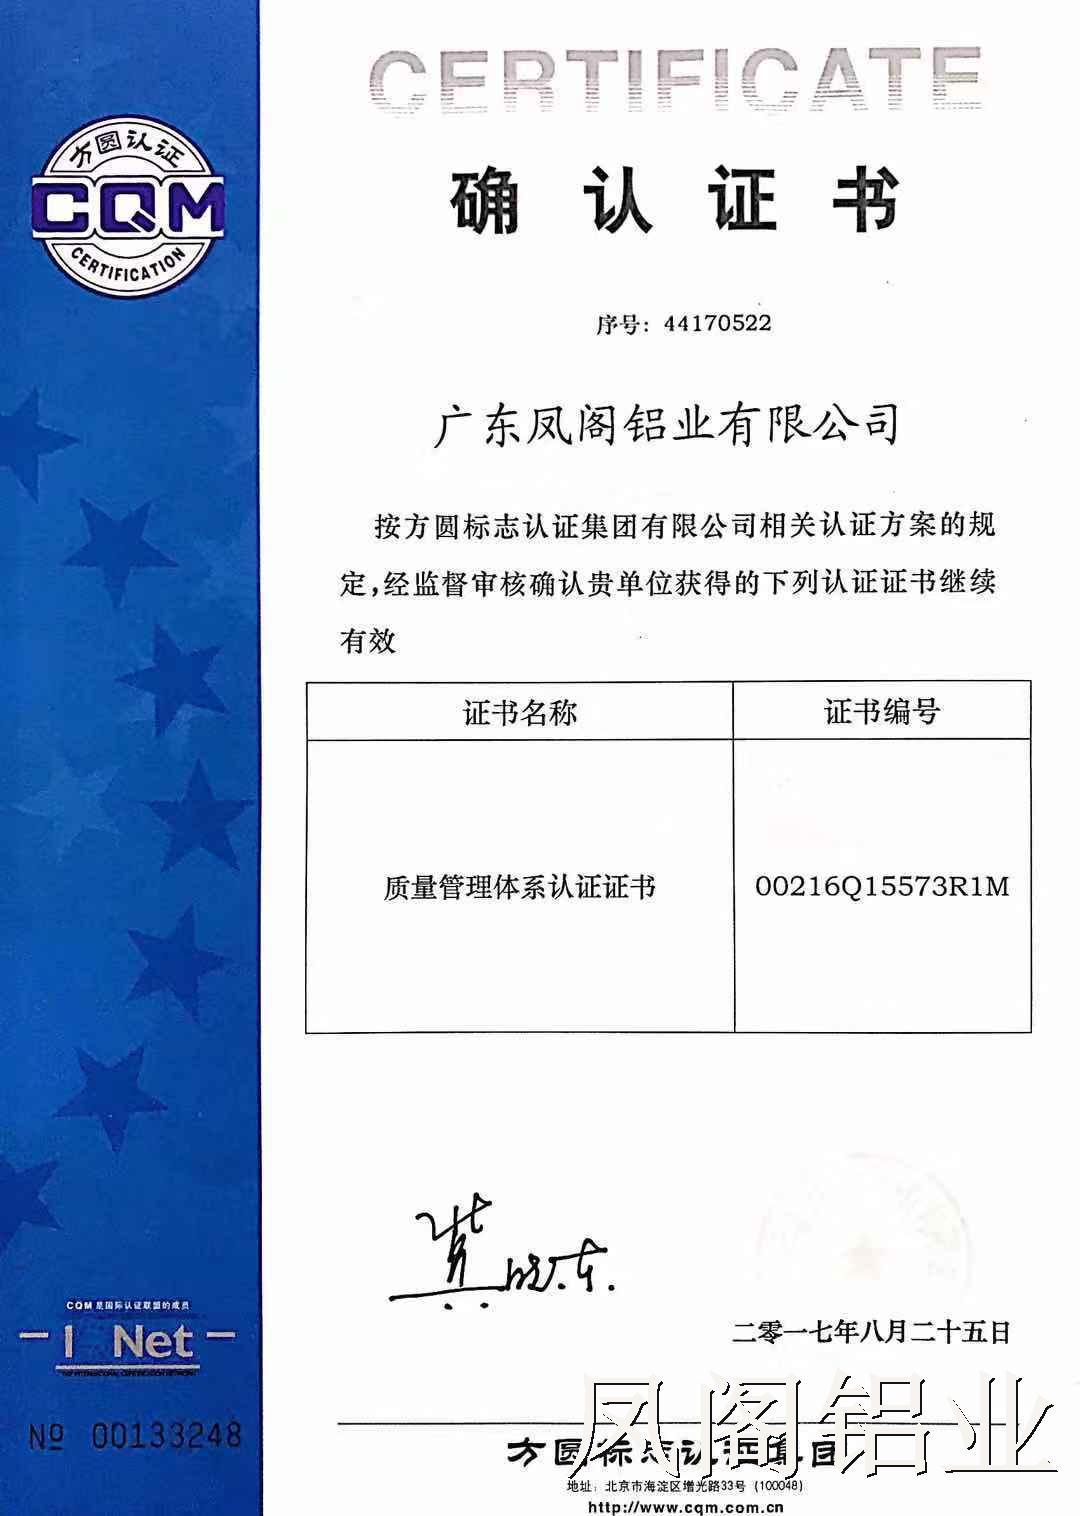 确认证书 中文